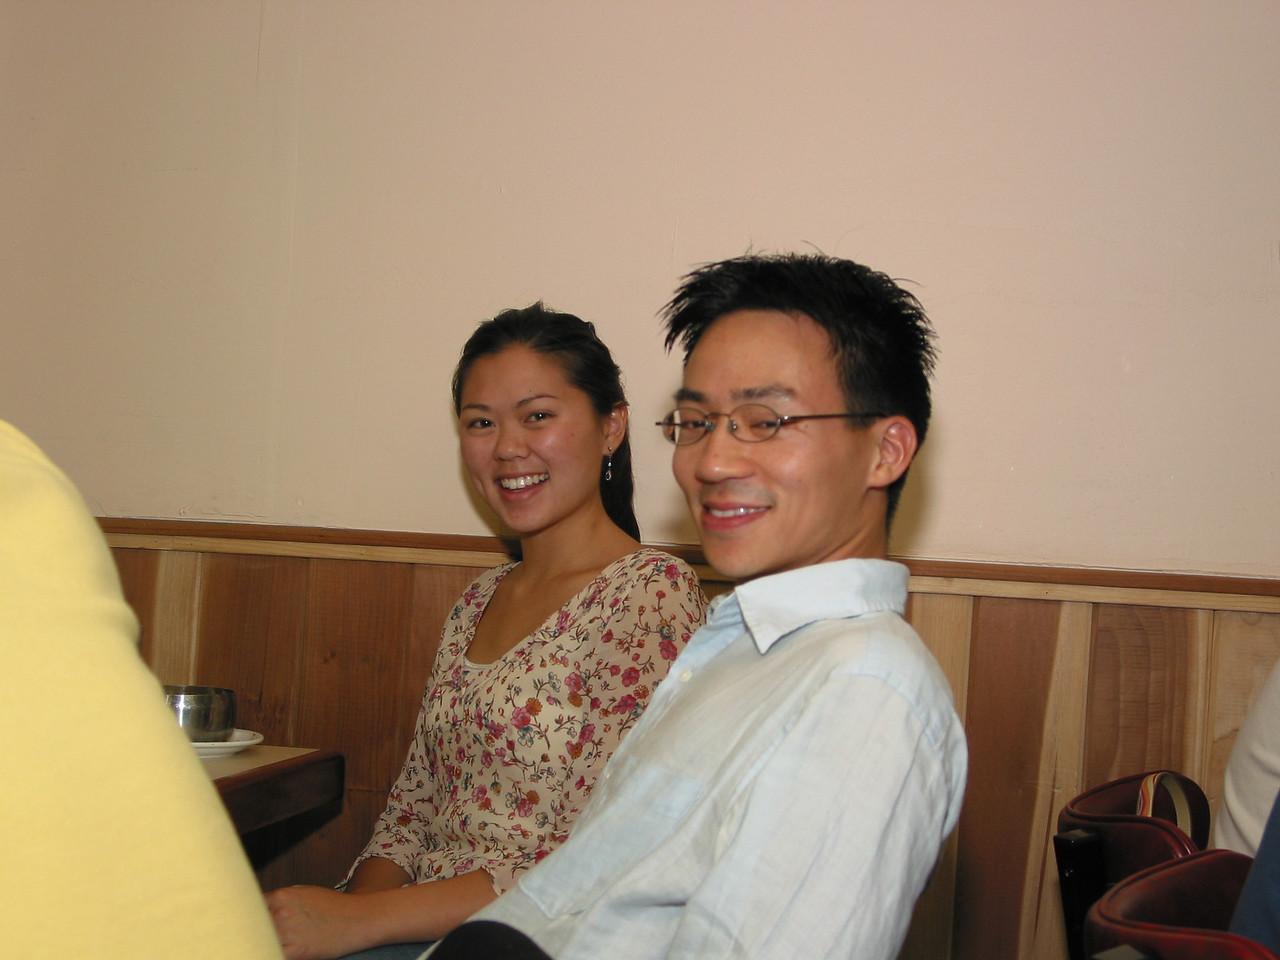 2004 08 06 Friday - Tiffany & Ben @ Koryo's BBQ